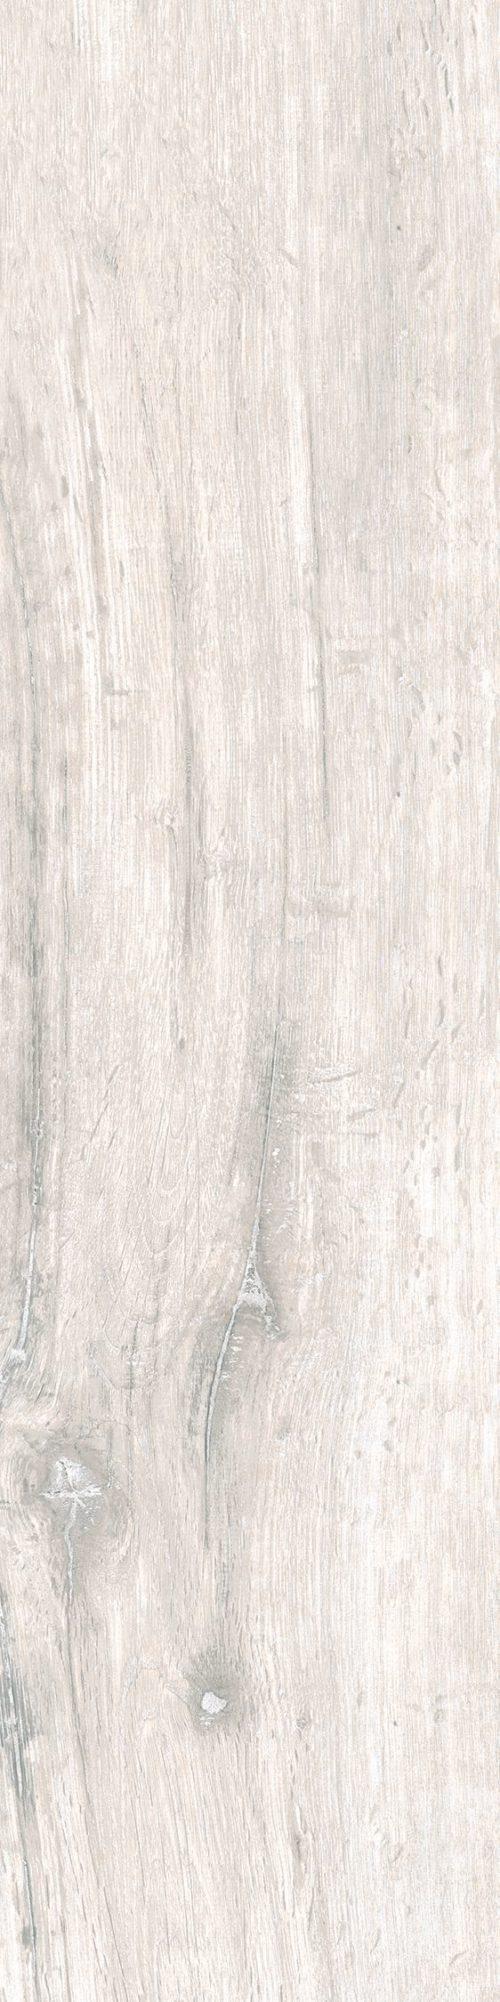 Керамогранит Italon «NL-Wood» Ash (Новая Упаковка) натуральный (22.5Х90 см)